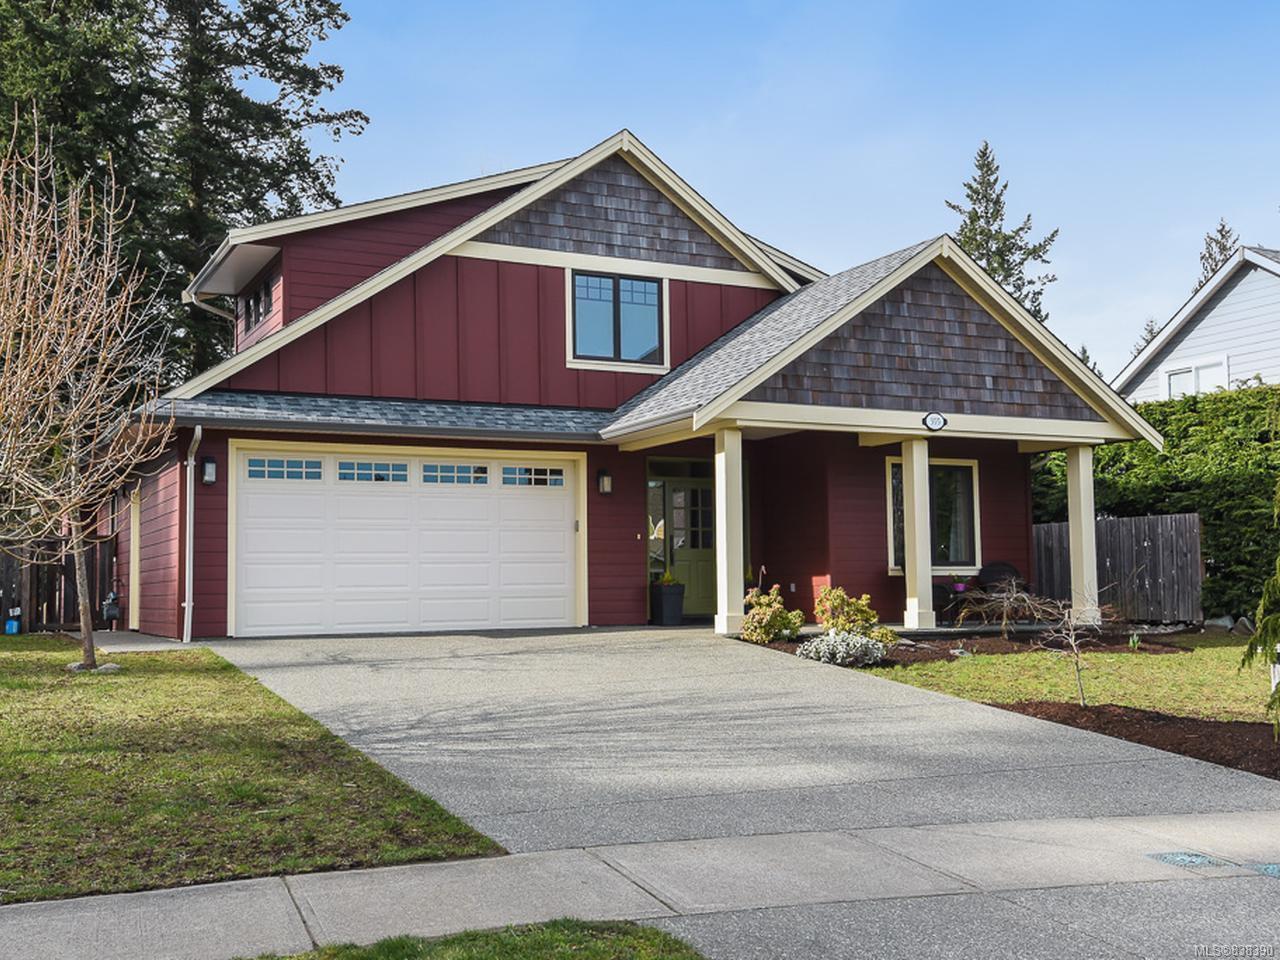 Main Photo: 355 Gardener Way in COMOX: CV Comox (Town of) House for sale (Comox Valley)  : MLS®# 838390